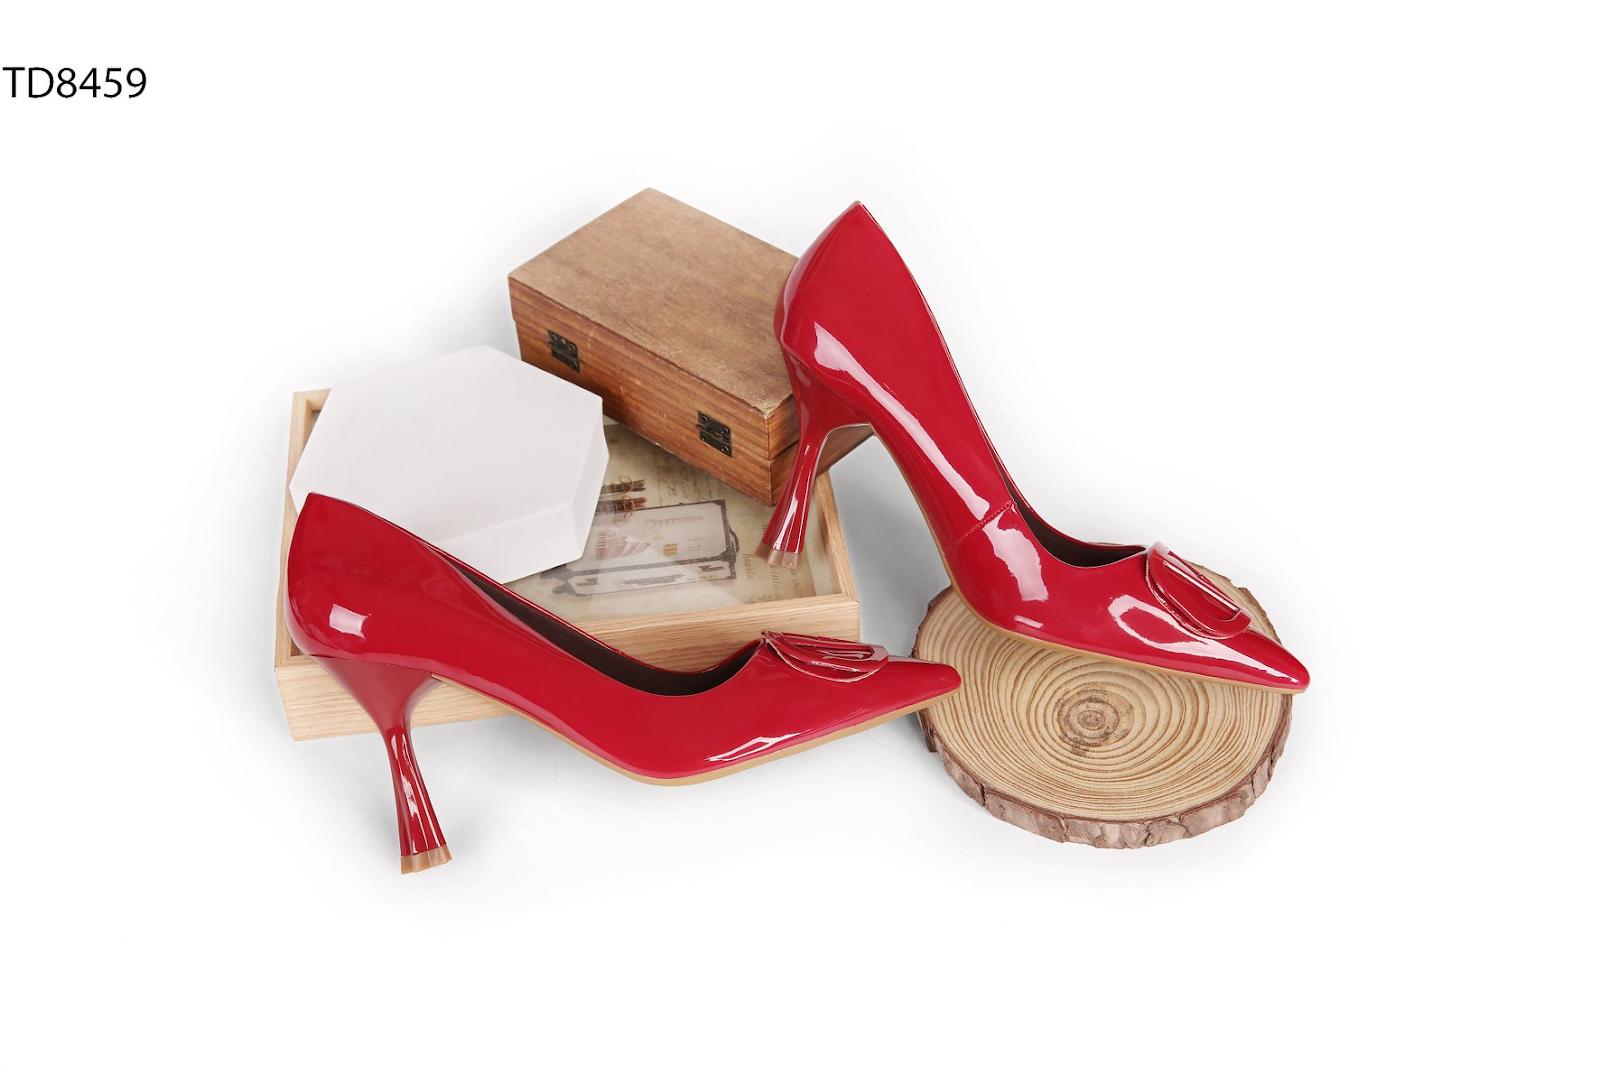 Thienghuongshoes – Địa chỉ sản xuất giày da tốt nhất thị trường